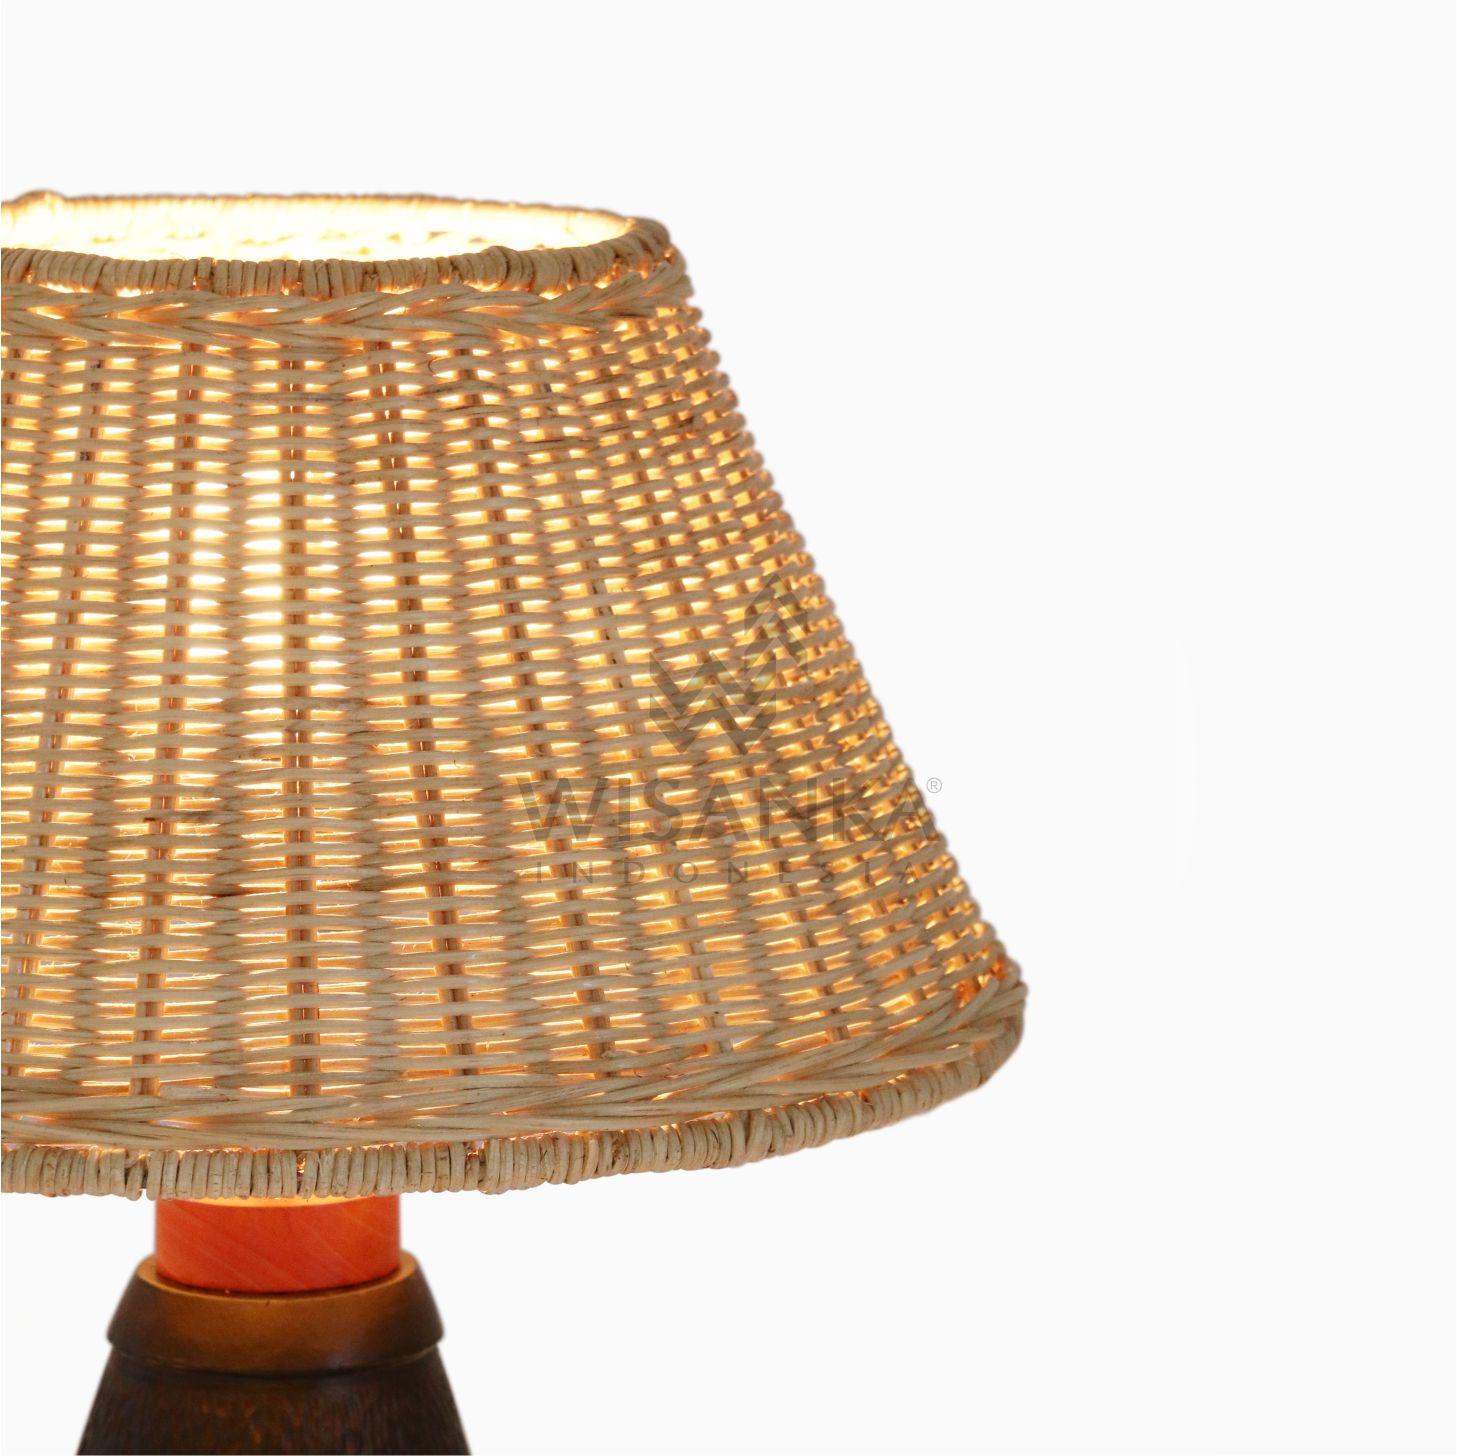 Lampada Da Tavolo Artigianale In Rattan Naturale Pepa Illuminazione Per Vivere